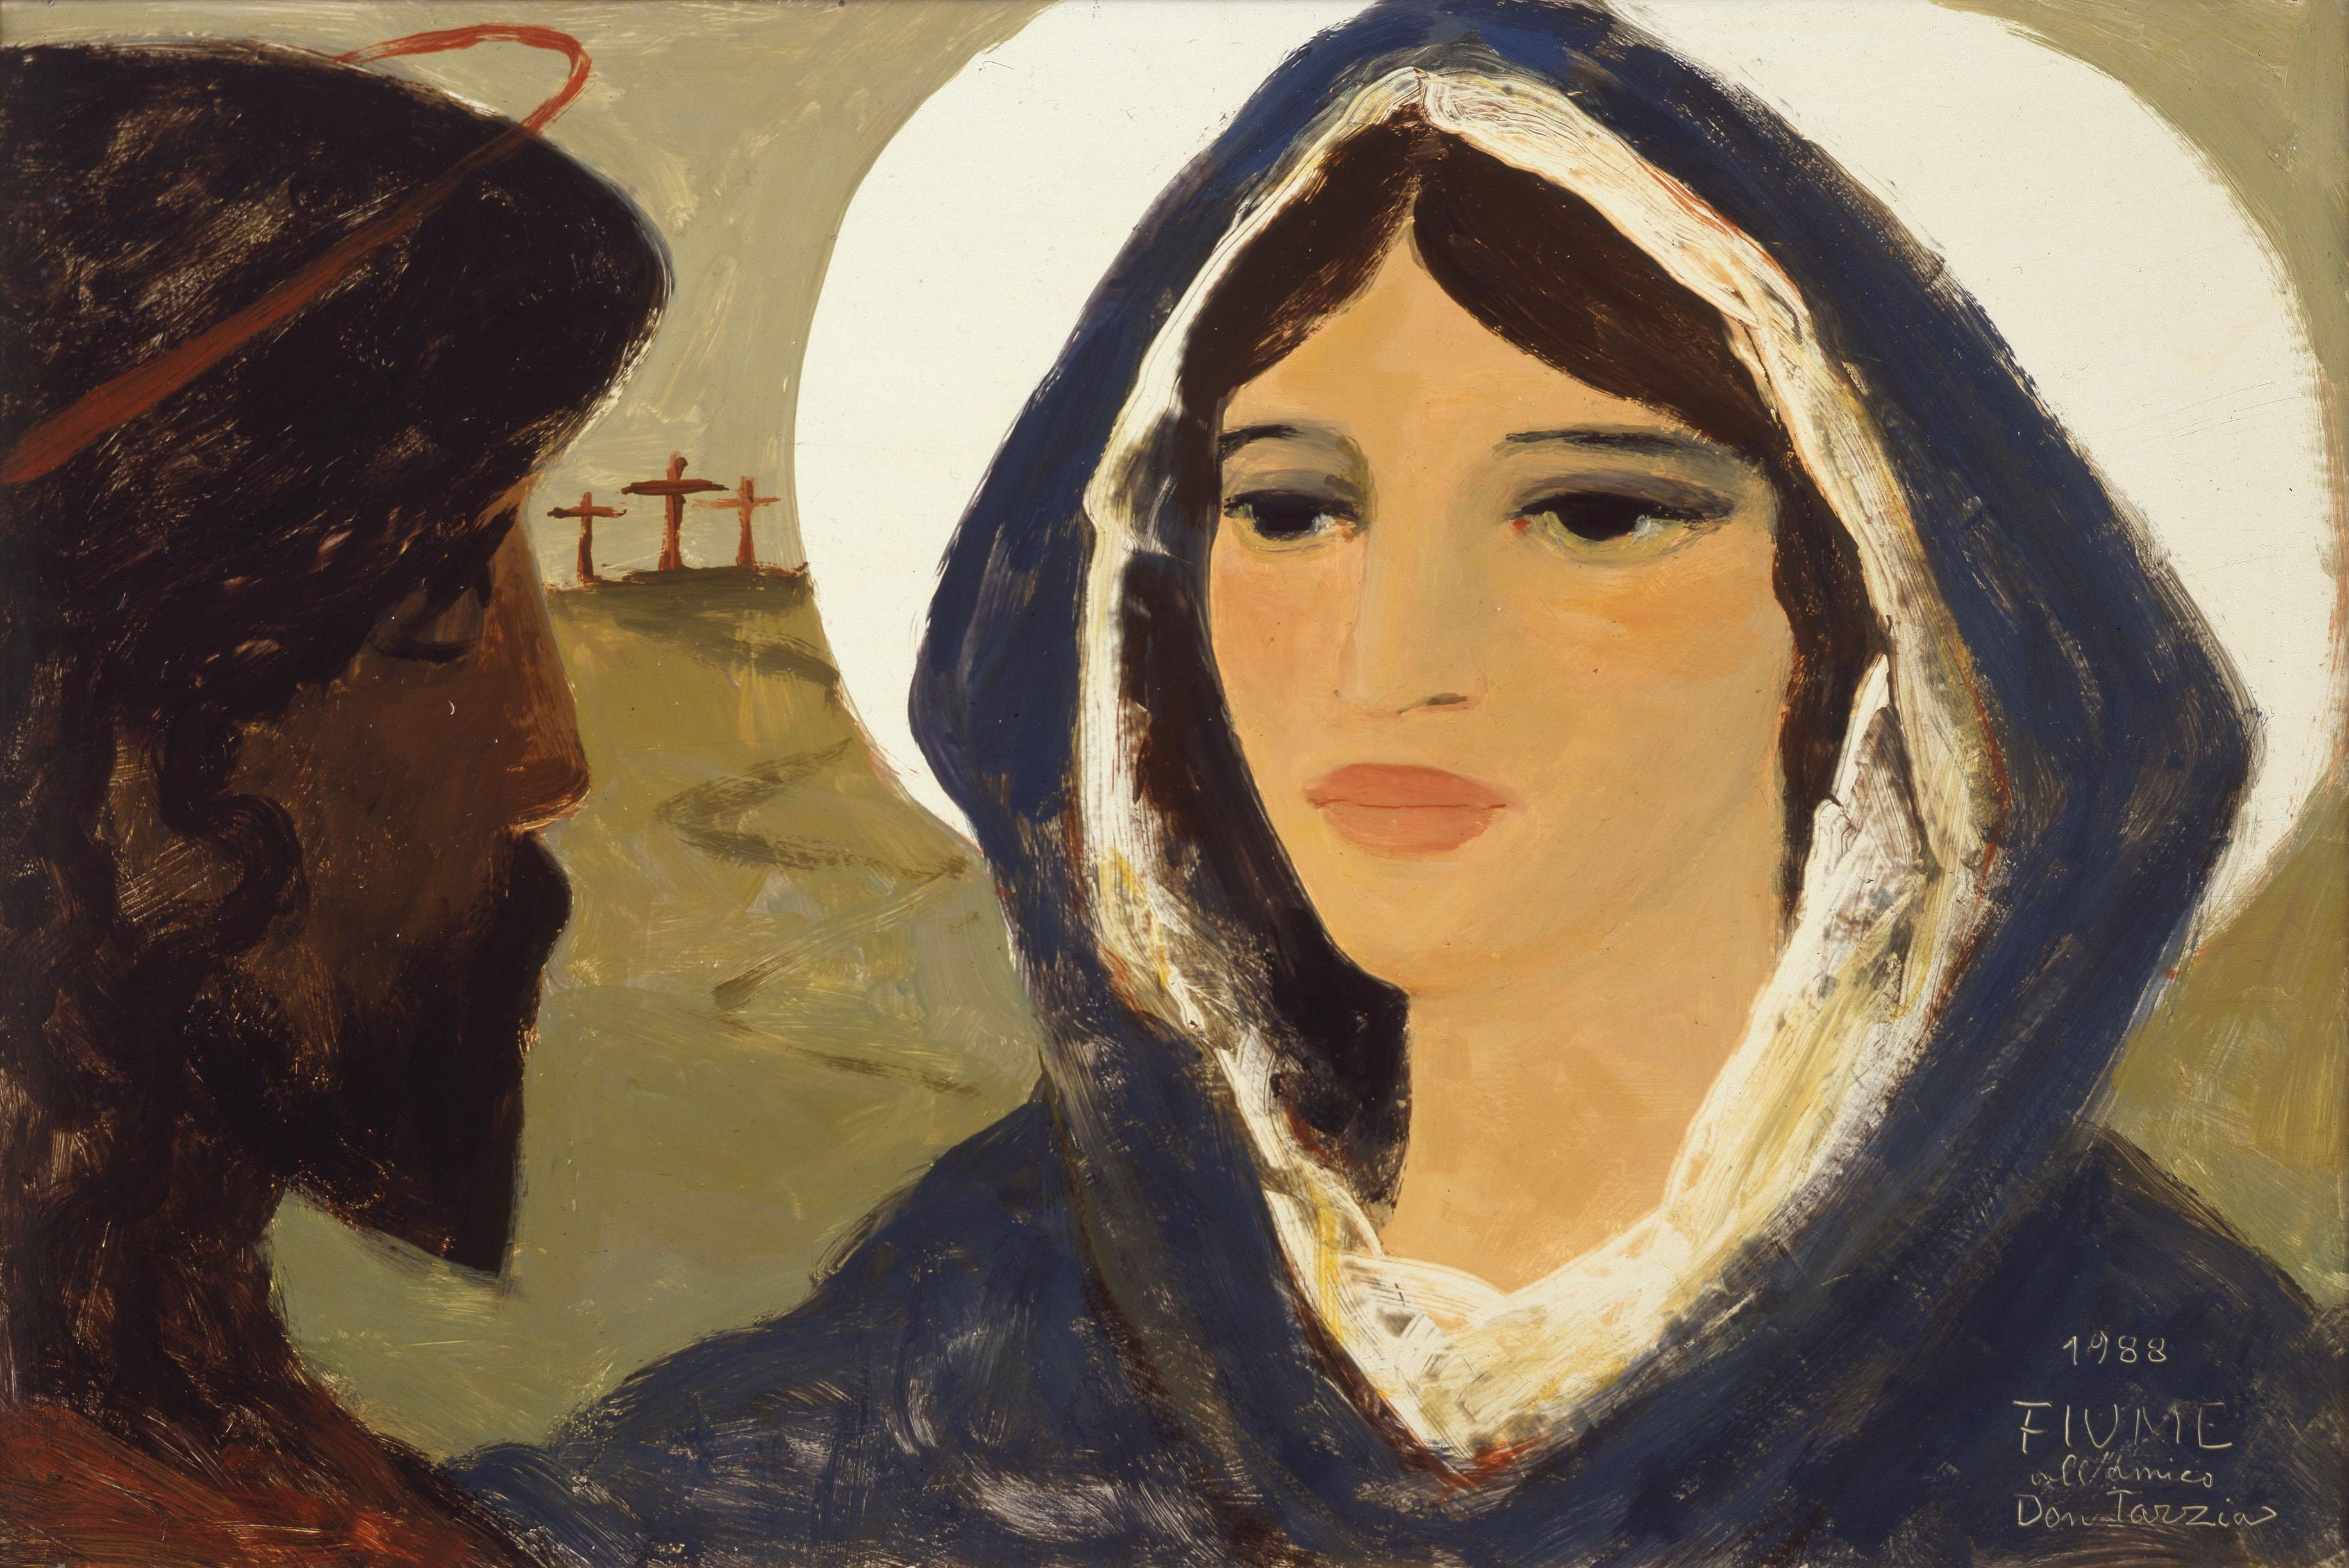 Salvatore Fiume - Gesù risorto appare a Maria